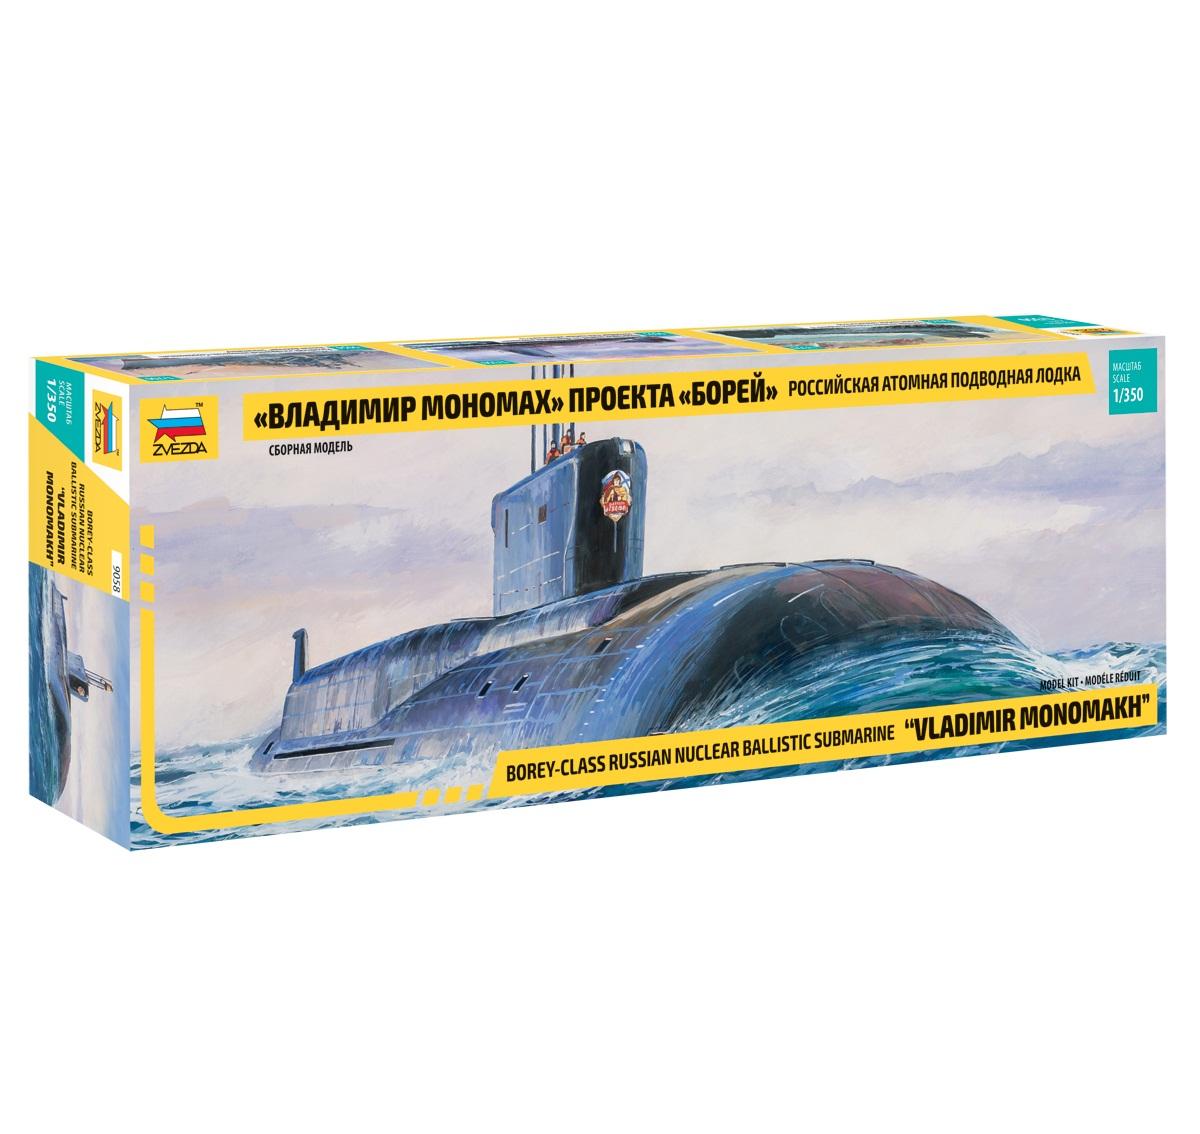 Российская атомная подводная лодка - Владимир Мономах, проекта - БорейМодели кораблей для склеивания<br>Российская атомная подводная лодка - Владимир Мономах, проекта - Борей<br>